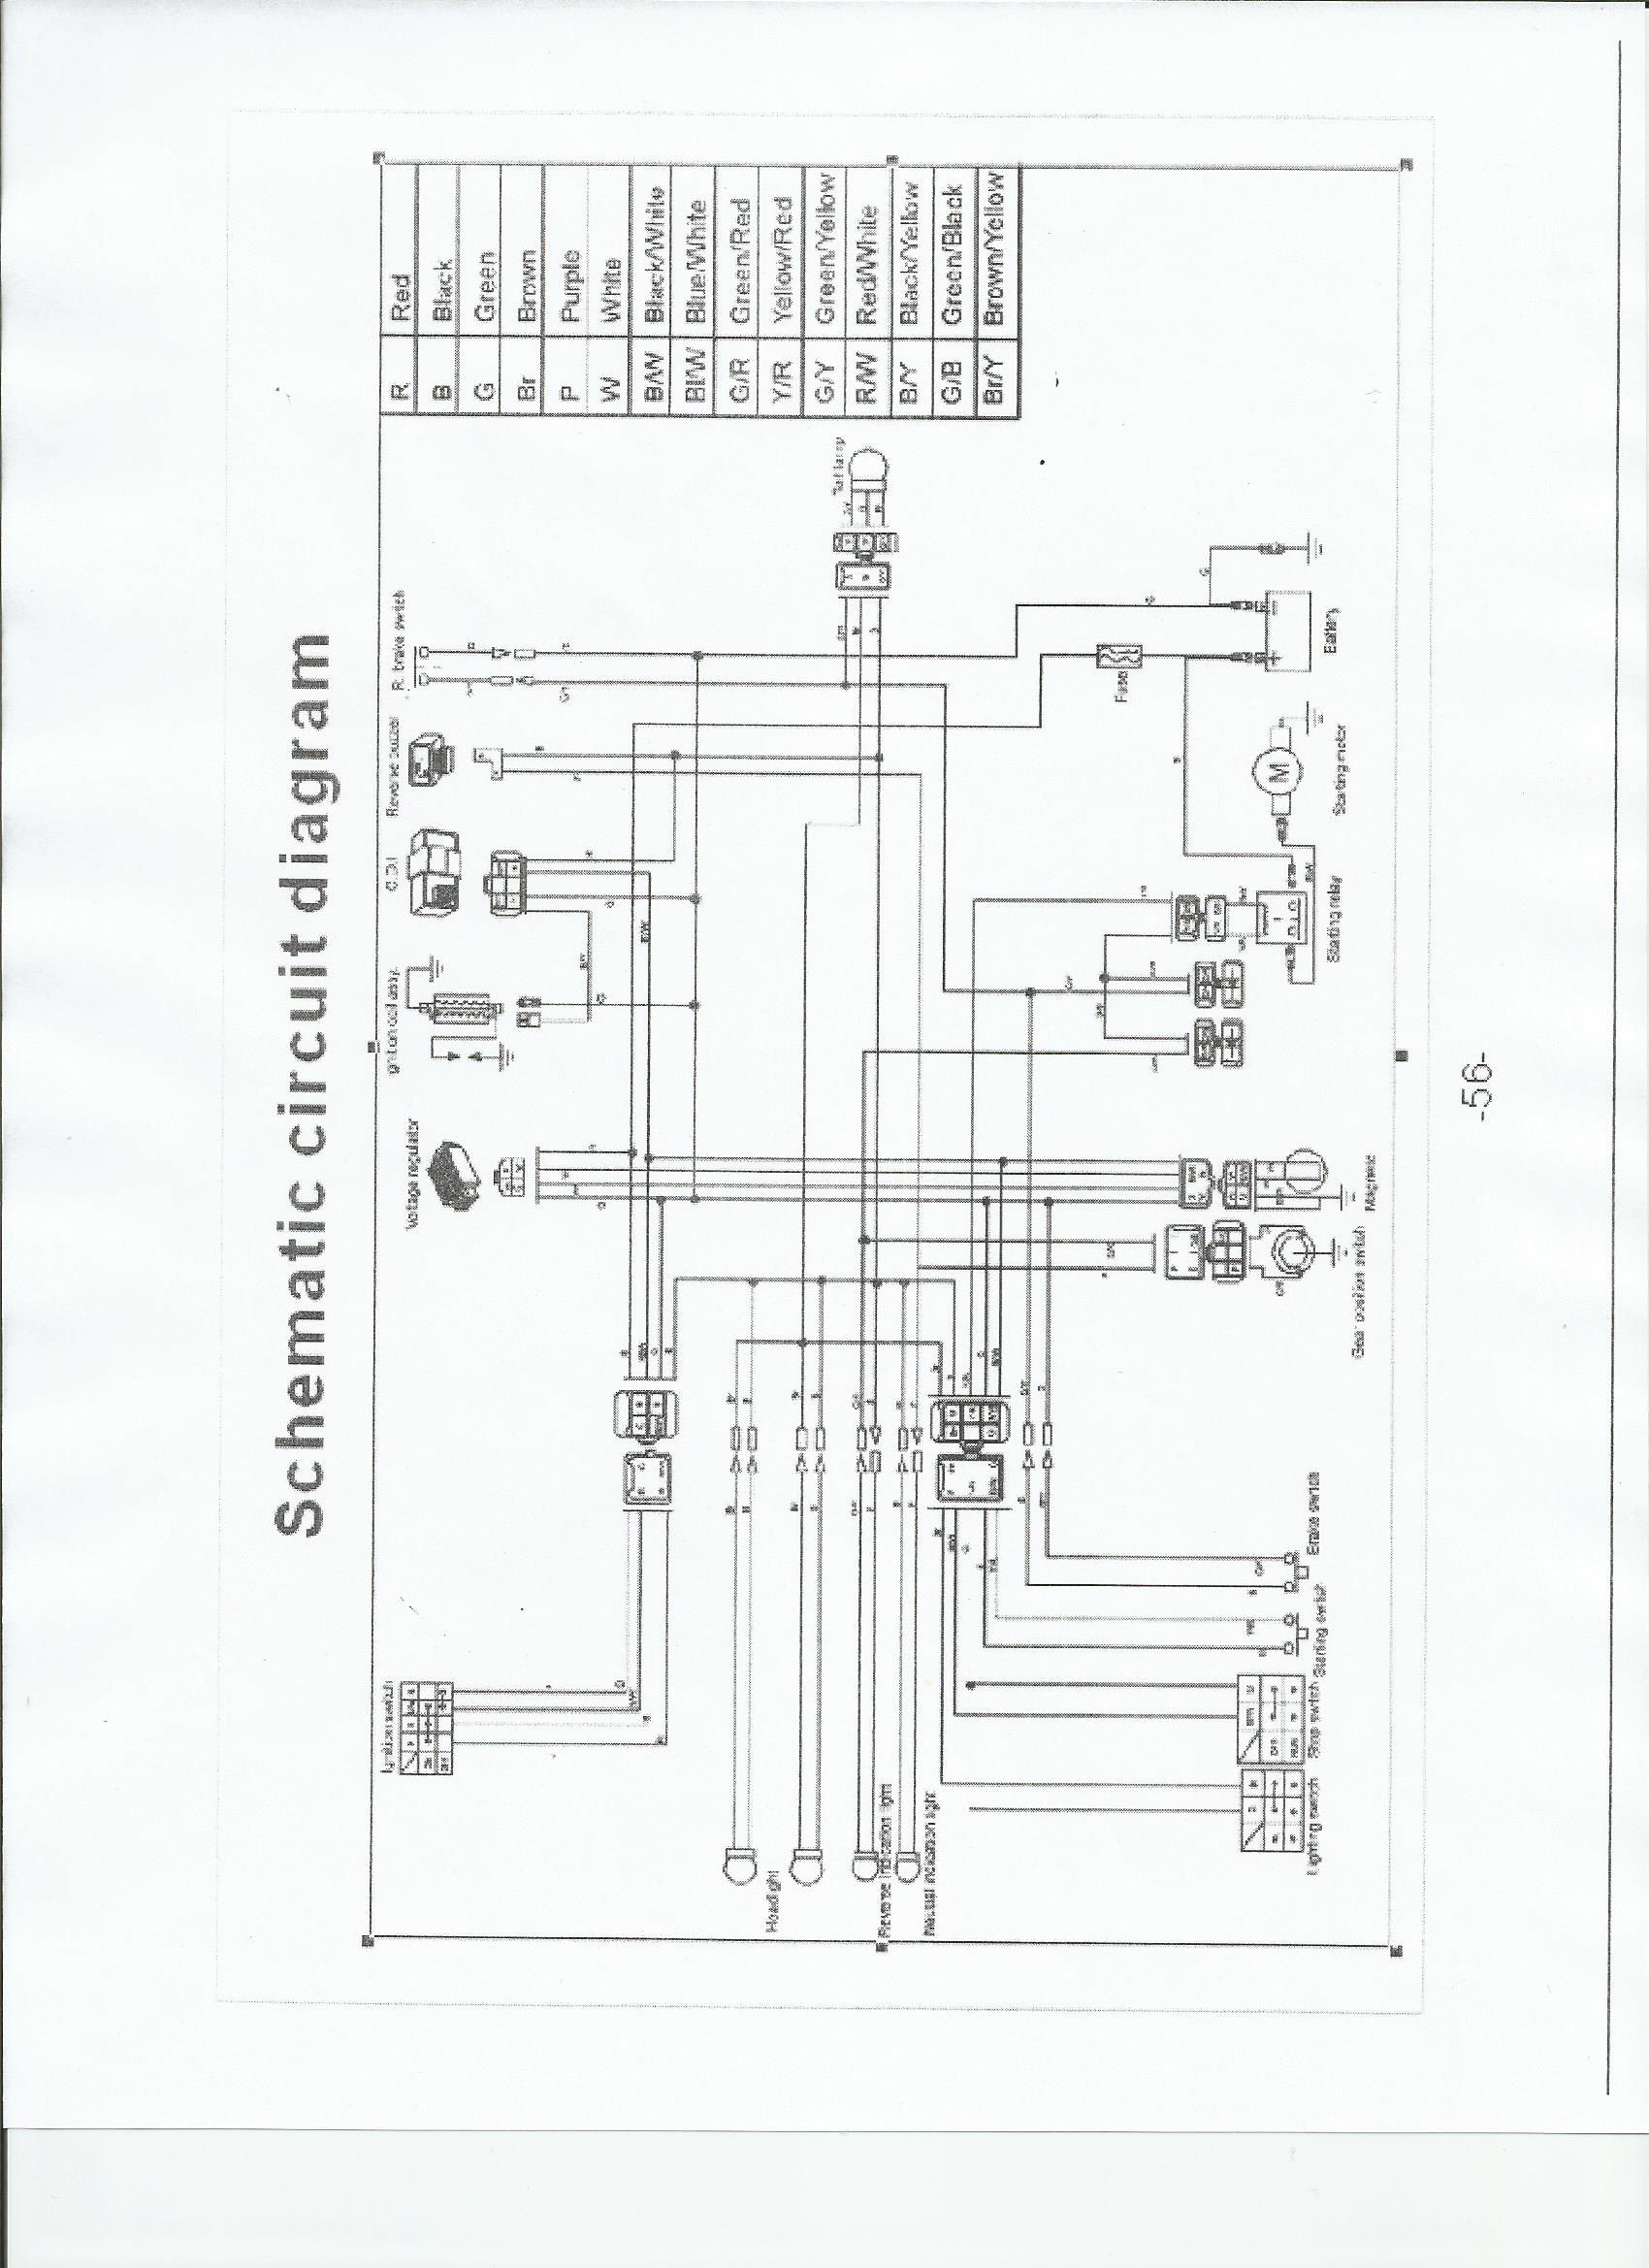 125cc starter diagram wiring diagram z4125cc starter diagram online wiring diagram ford starter solenoid wiring diagram [ 1700 x 2338 Pixel ]